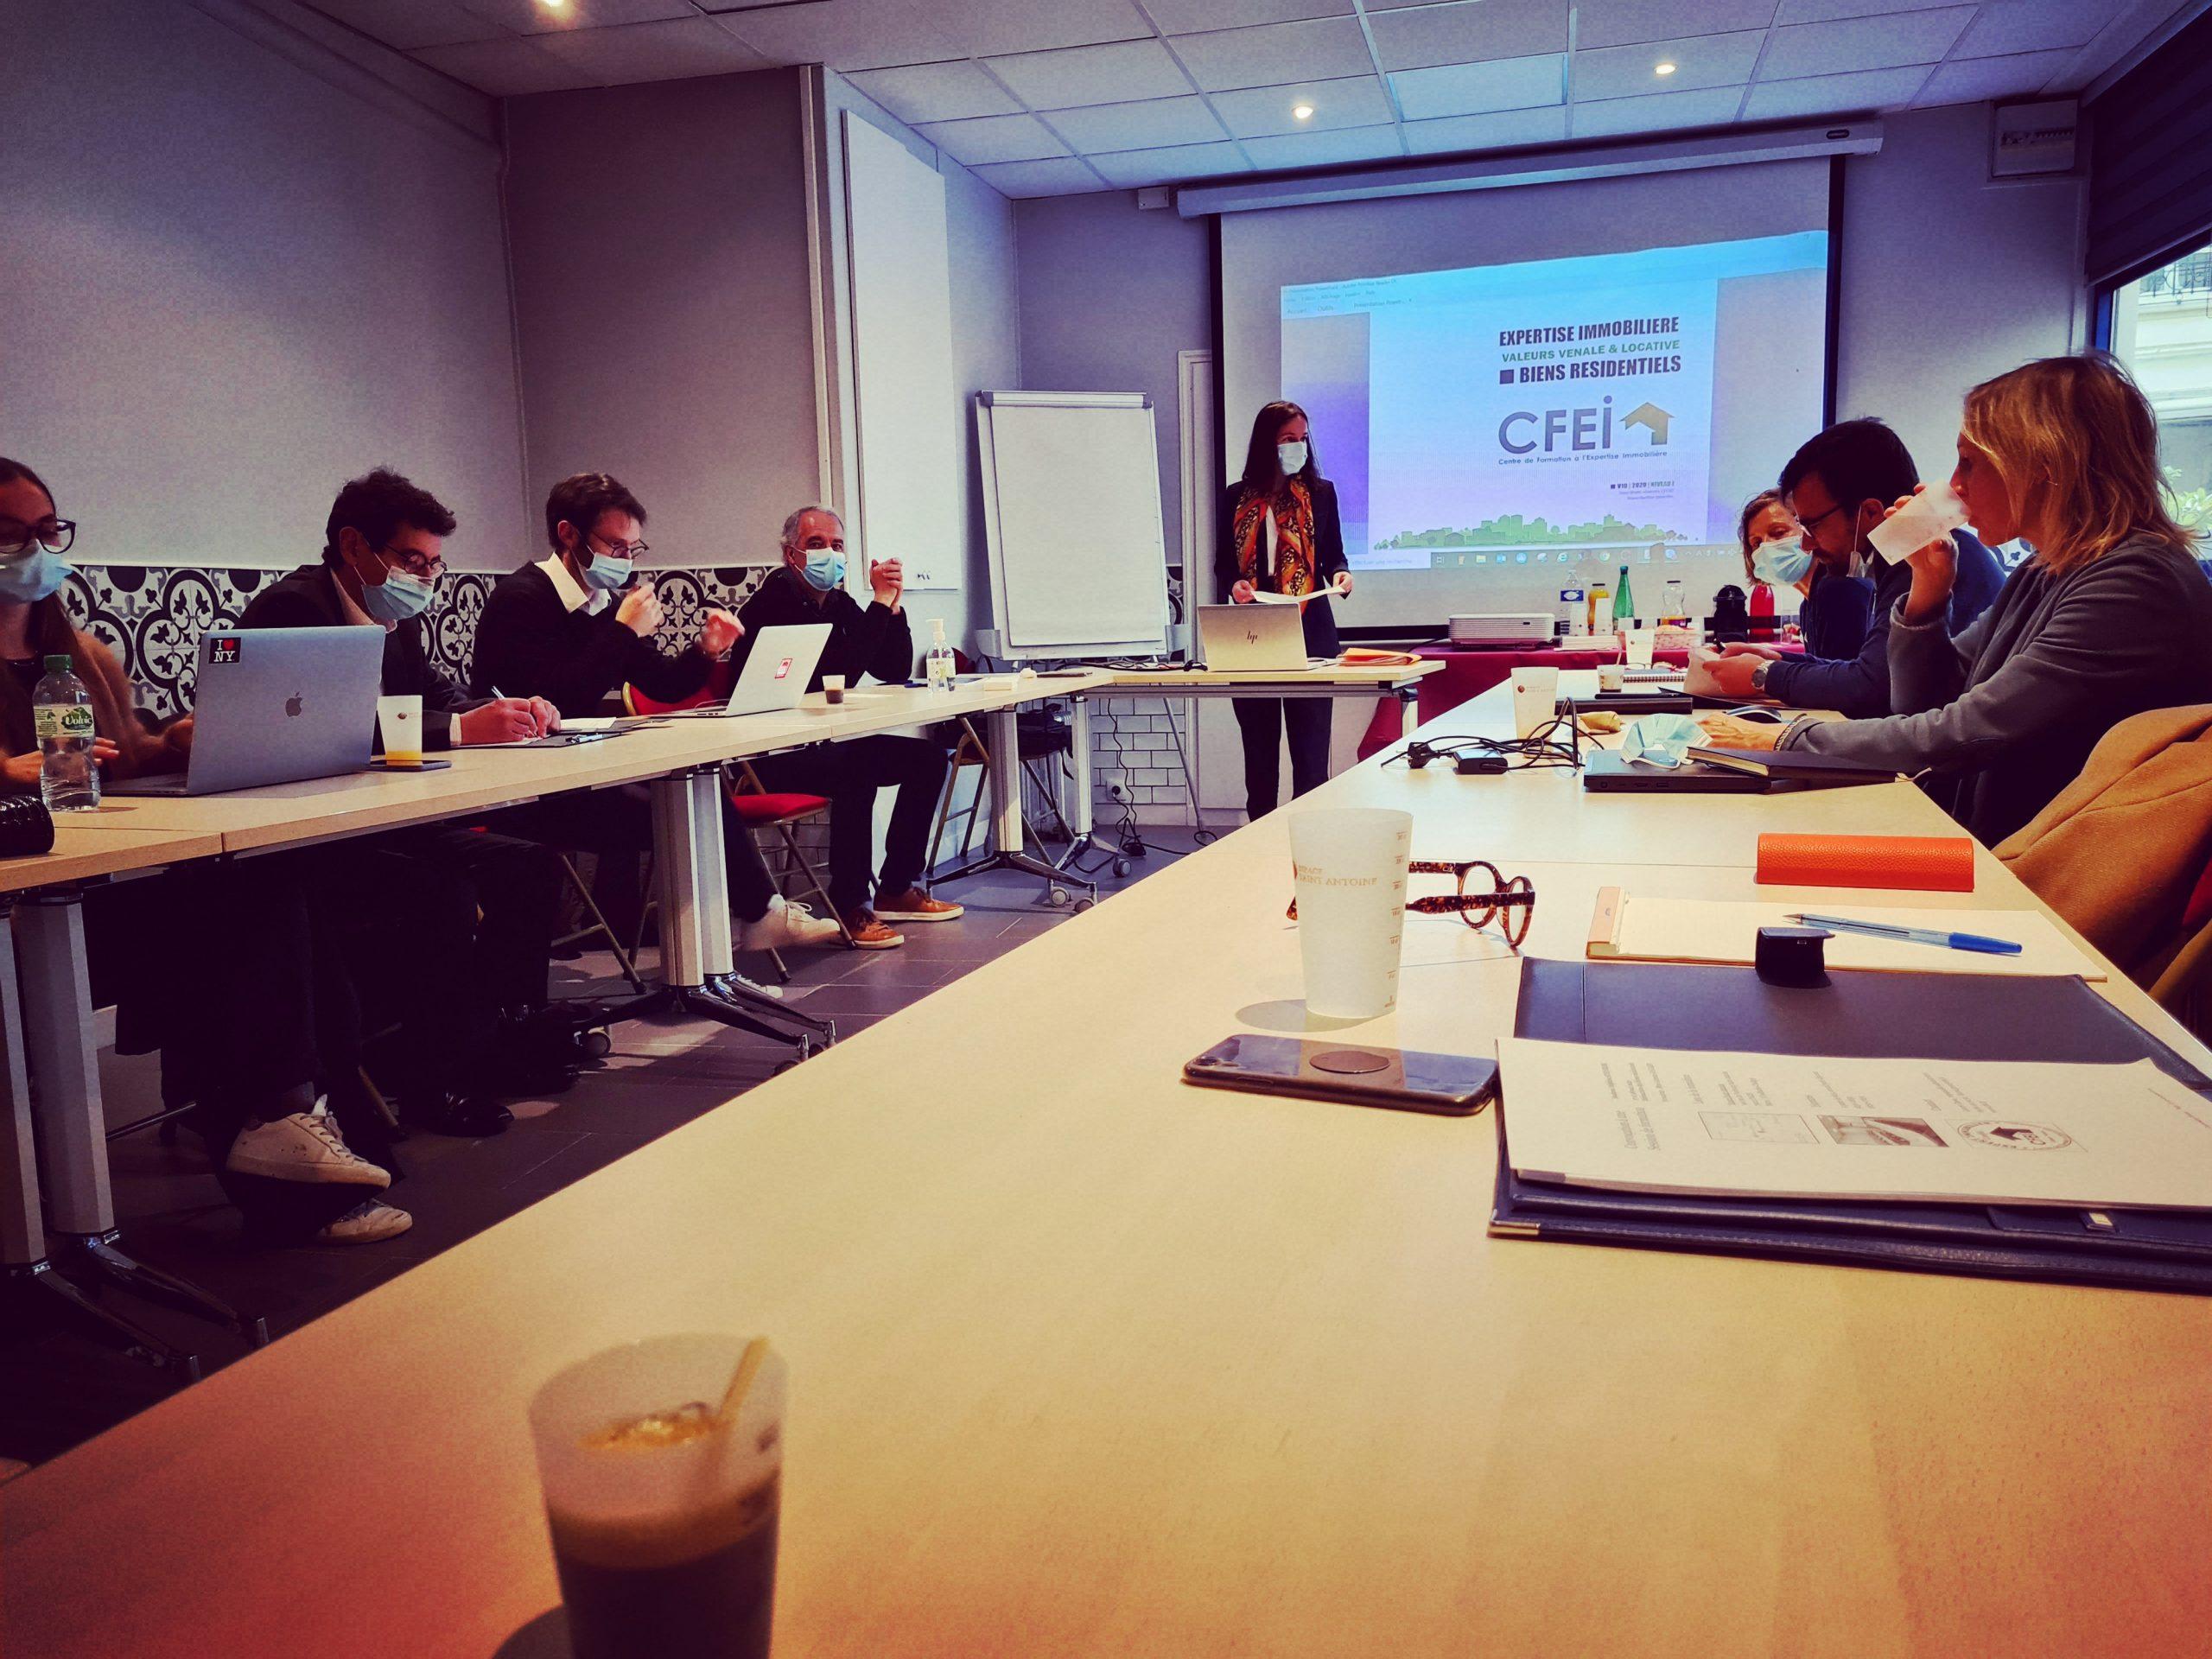 Intervention de Garance GOUJARD, formatrice-experte lors de la session parisienne du CFEI : évaluation des biens résidentiels